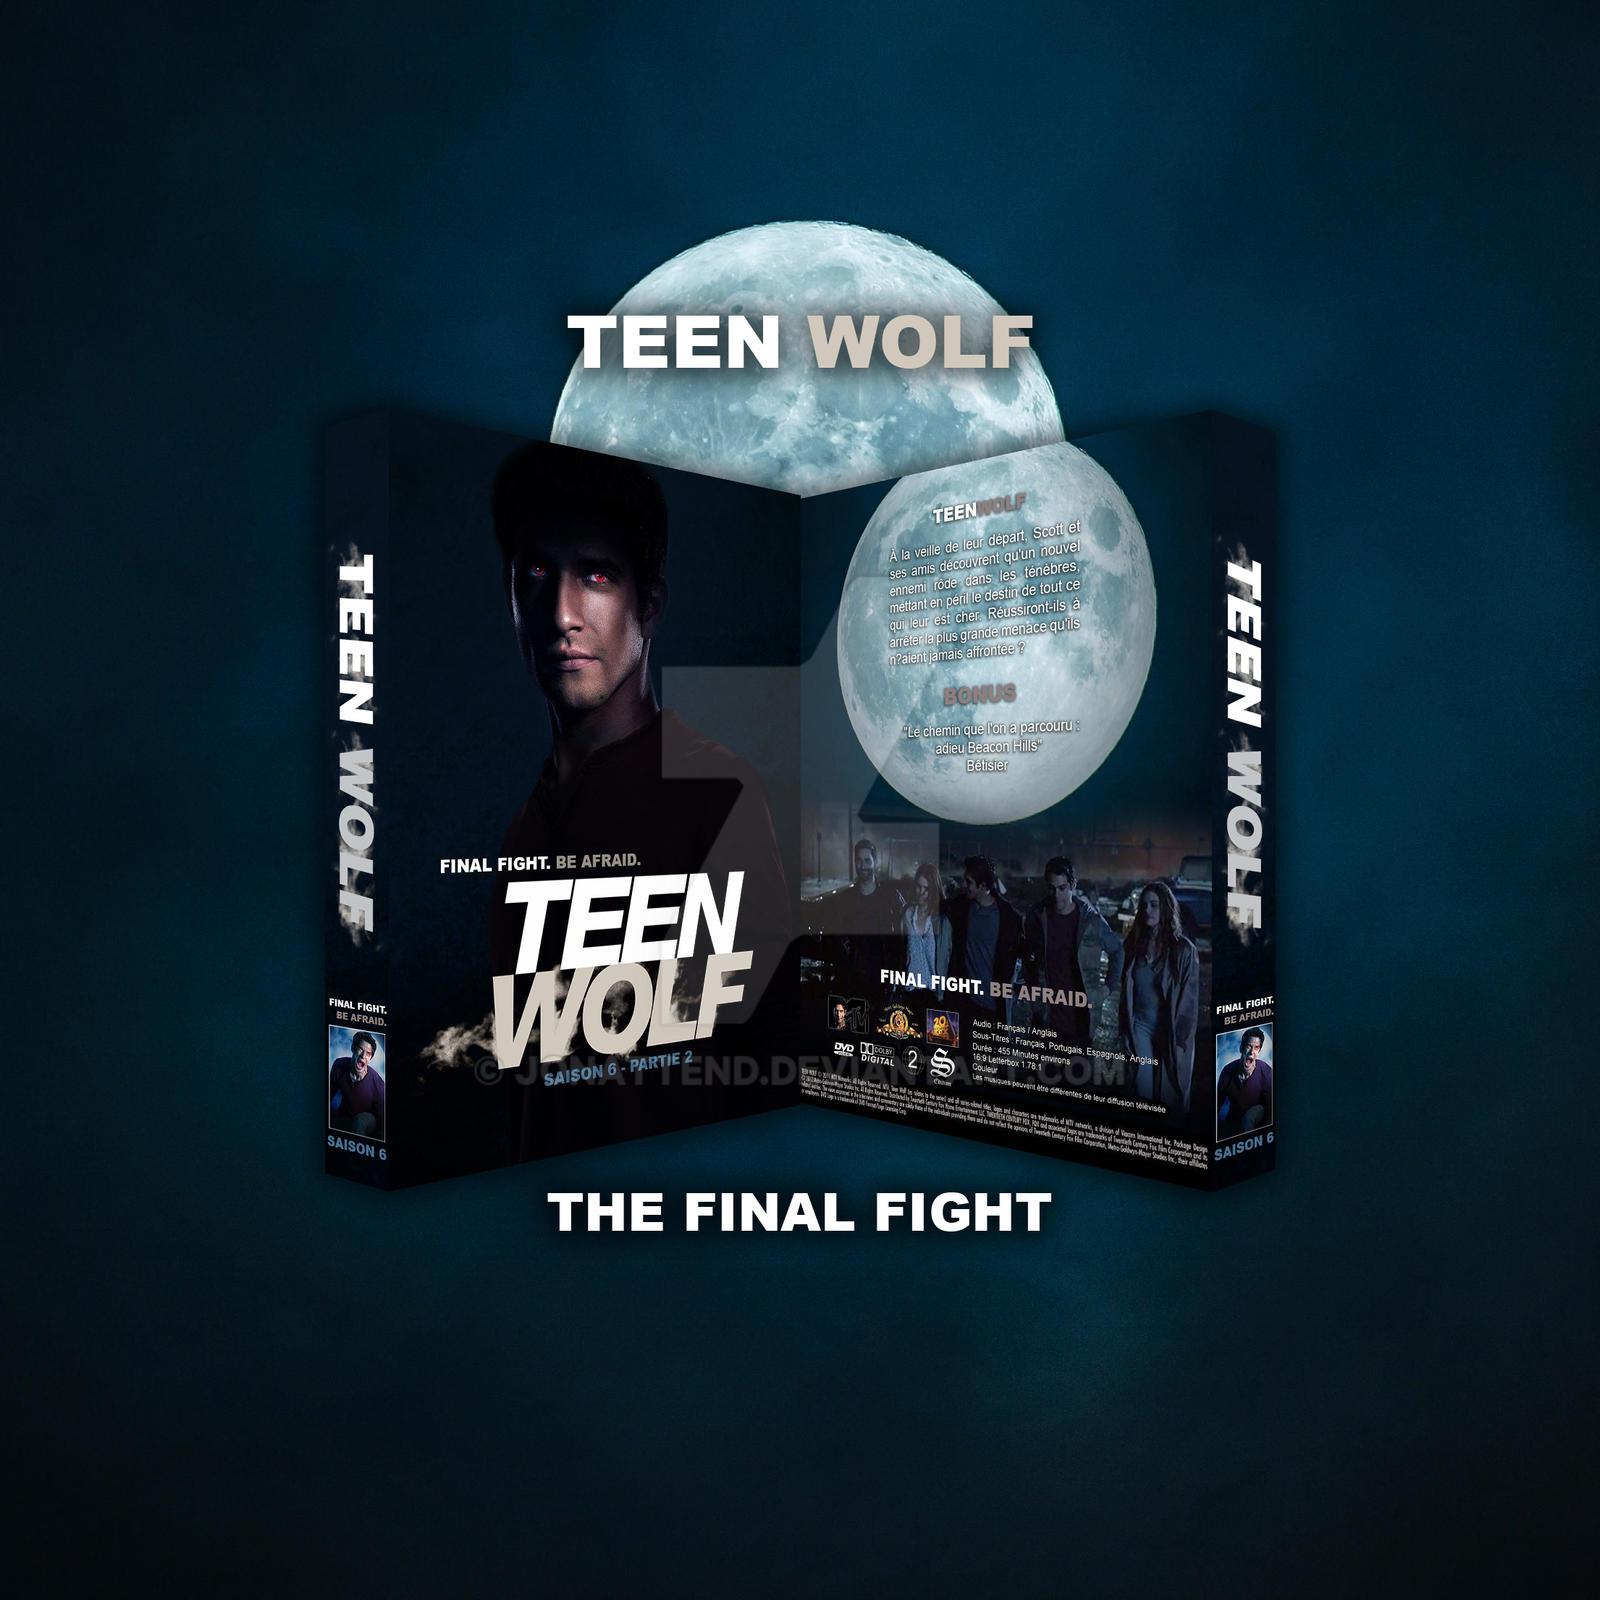 Teen Wolf - Saison 6B DVD by Jonattend